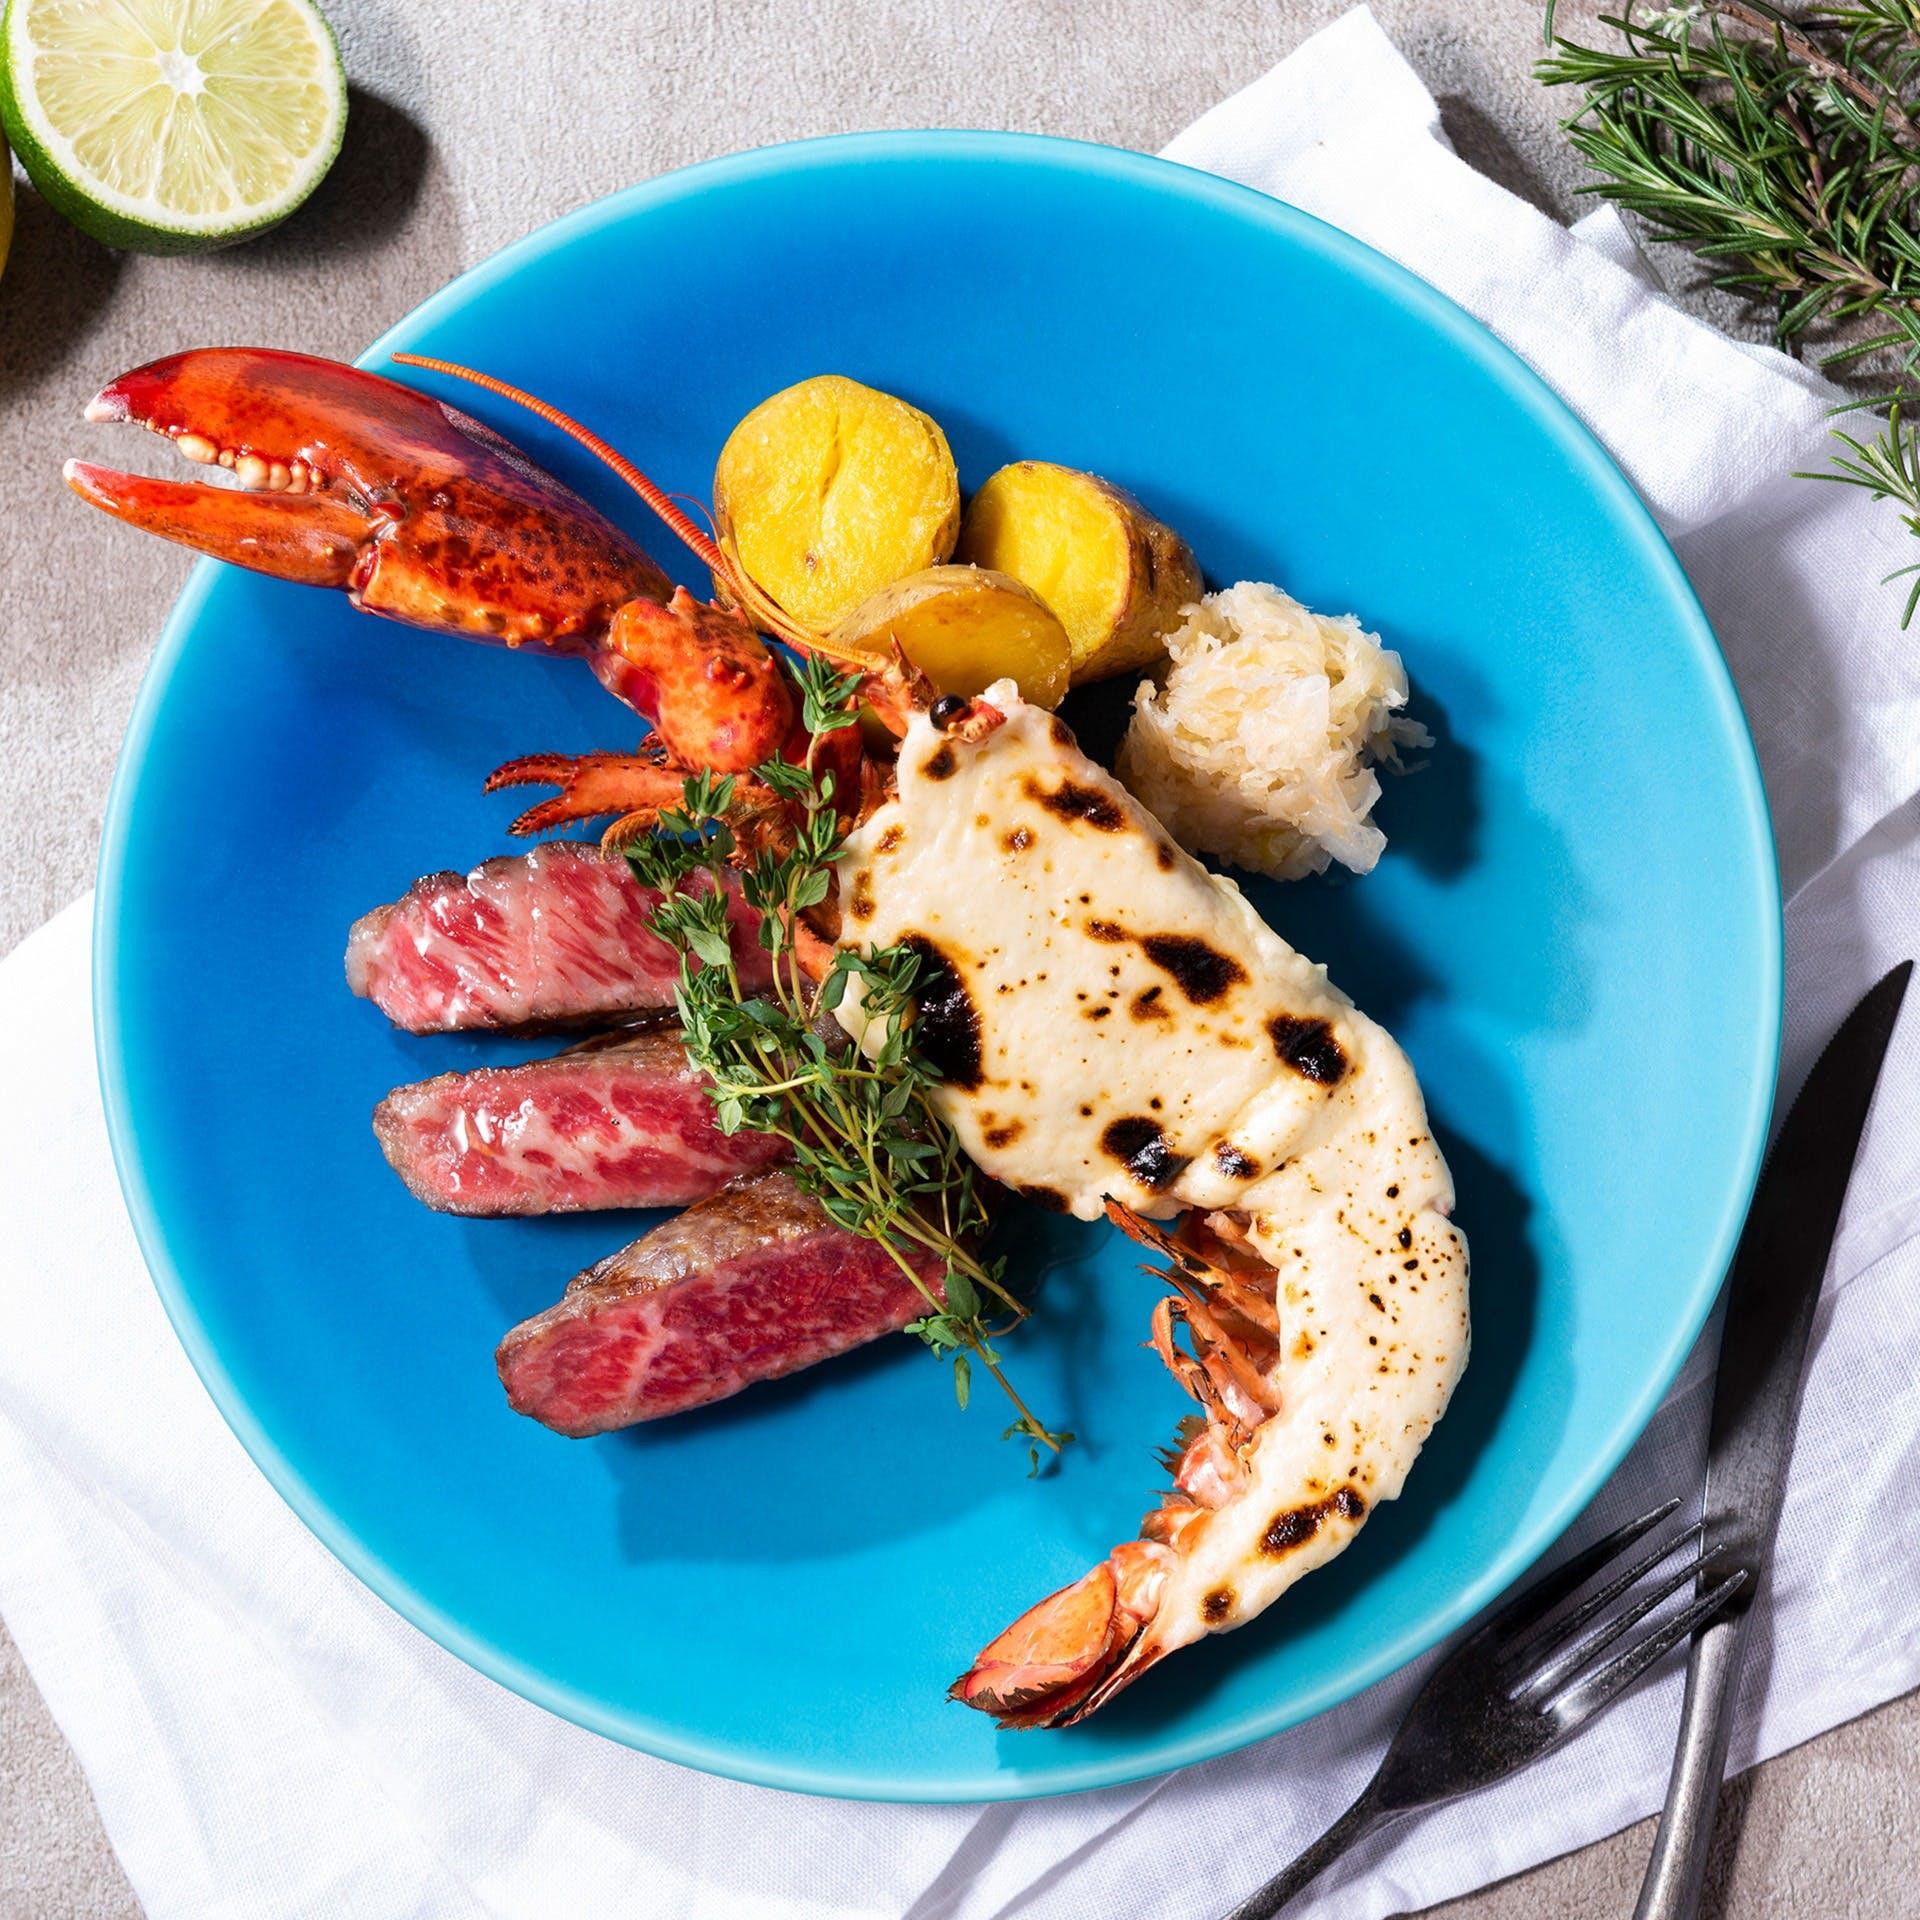 豪快なグリル料理をオーダー式サラダバーやドリンクバーとともに自由にカスタマイズ